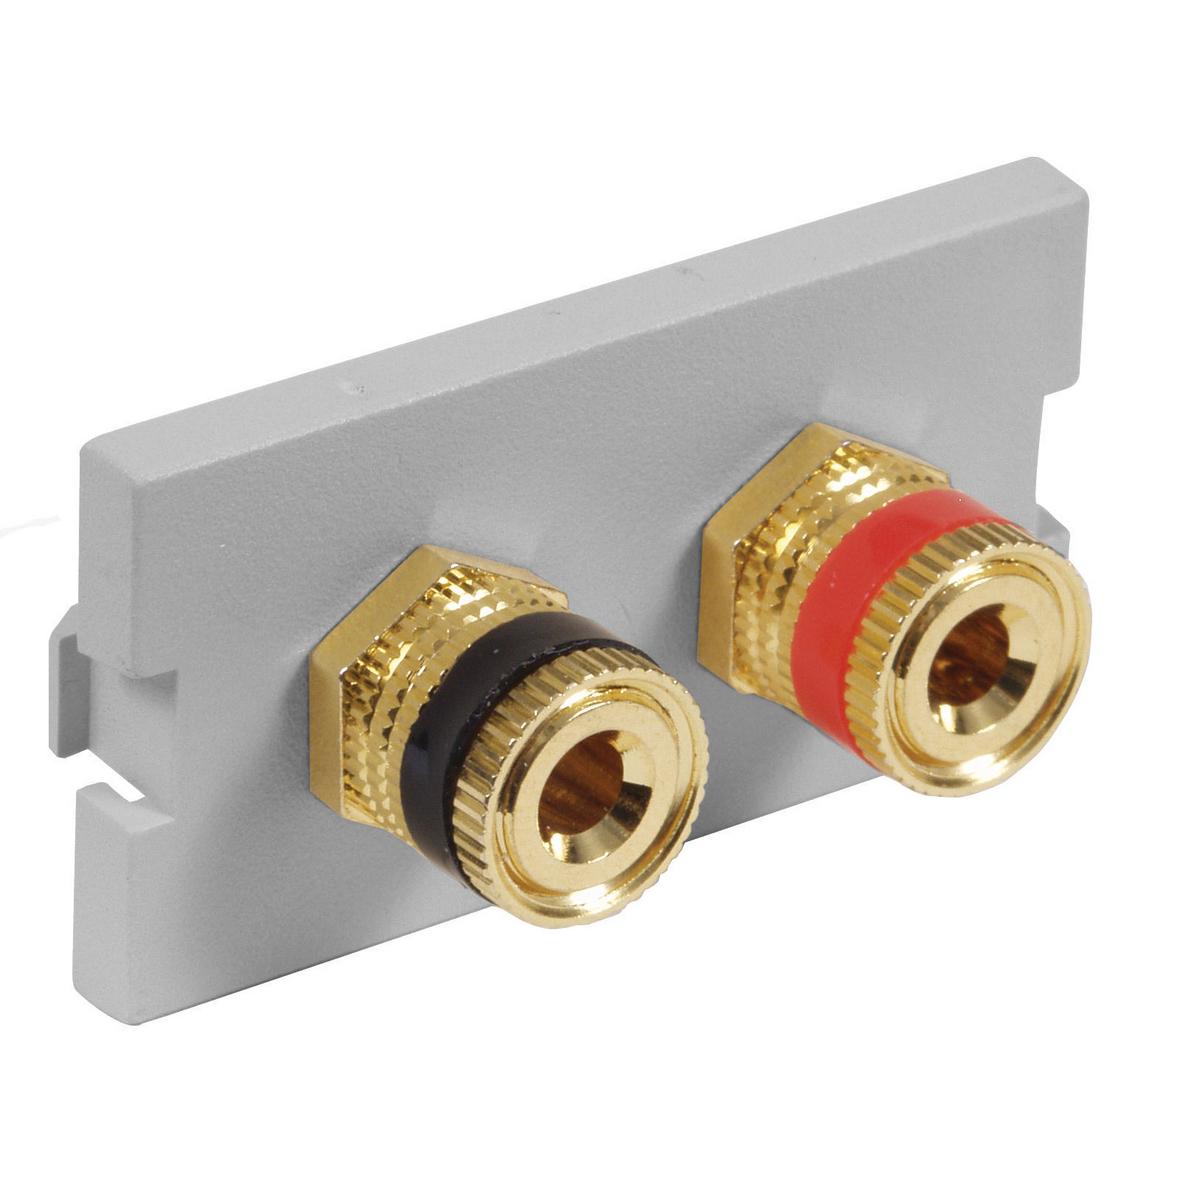 Imsp1gy Accessories Modules Audio Video Data Wiring